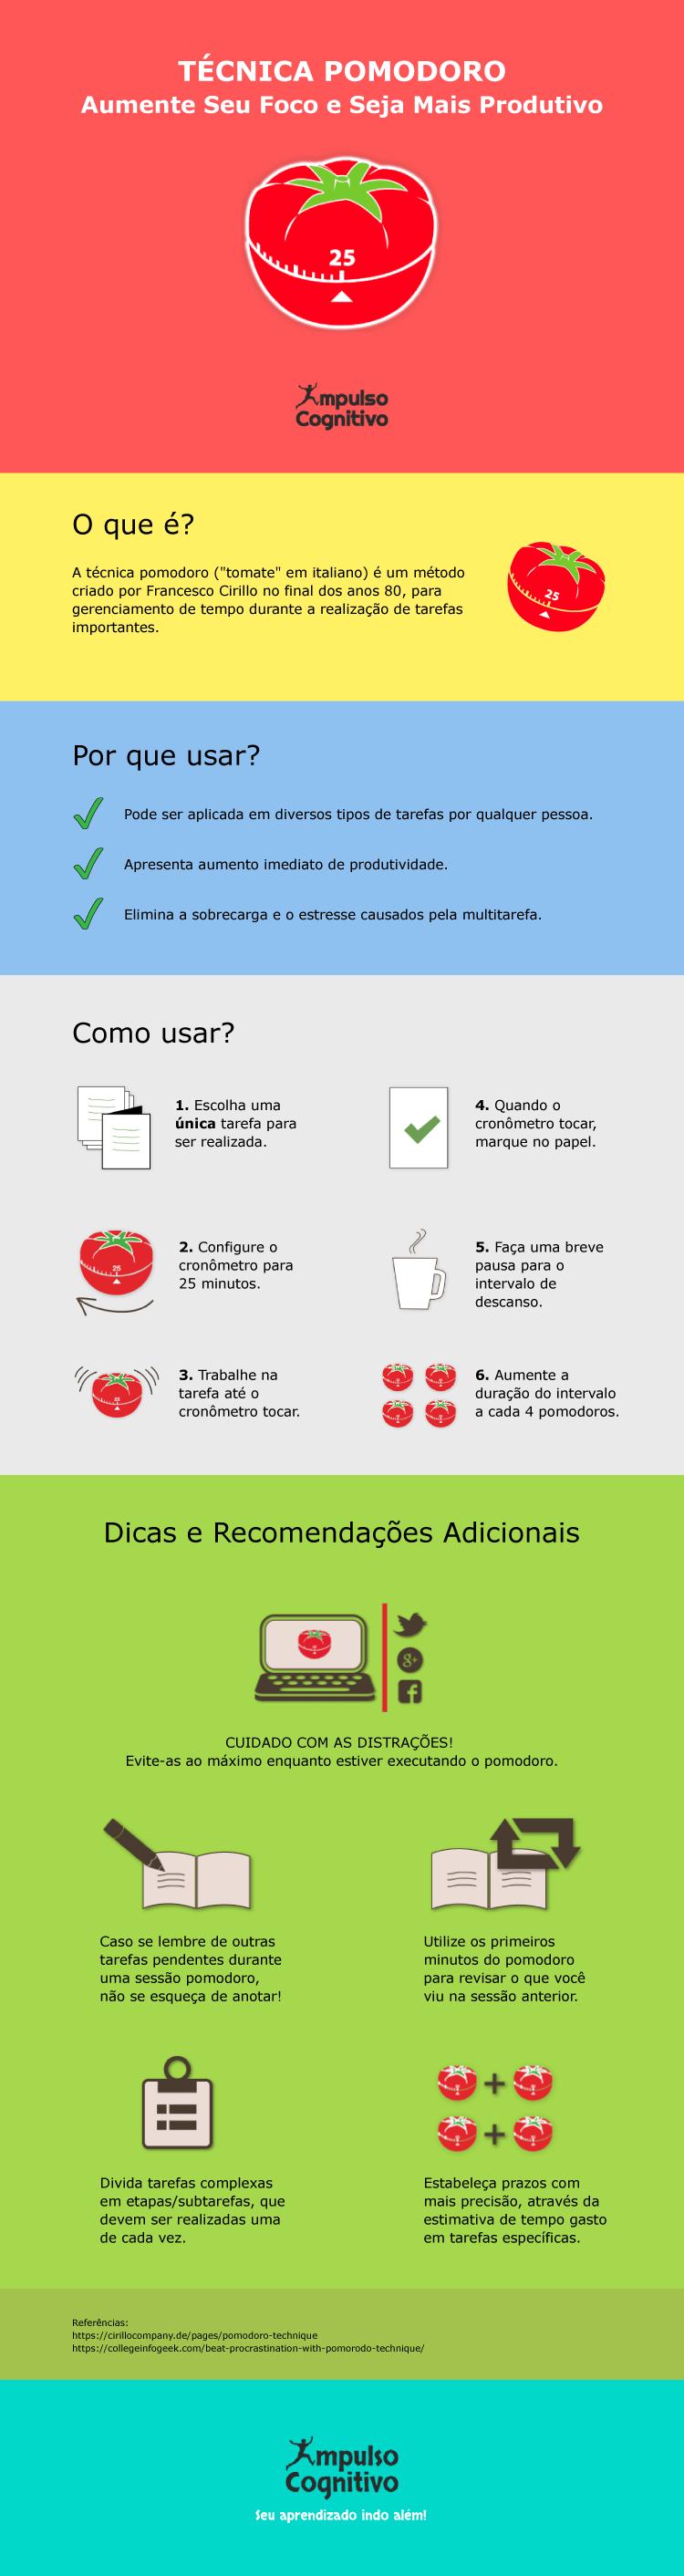 Infográfico: Técnica Pomodoro